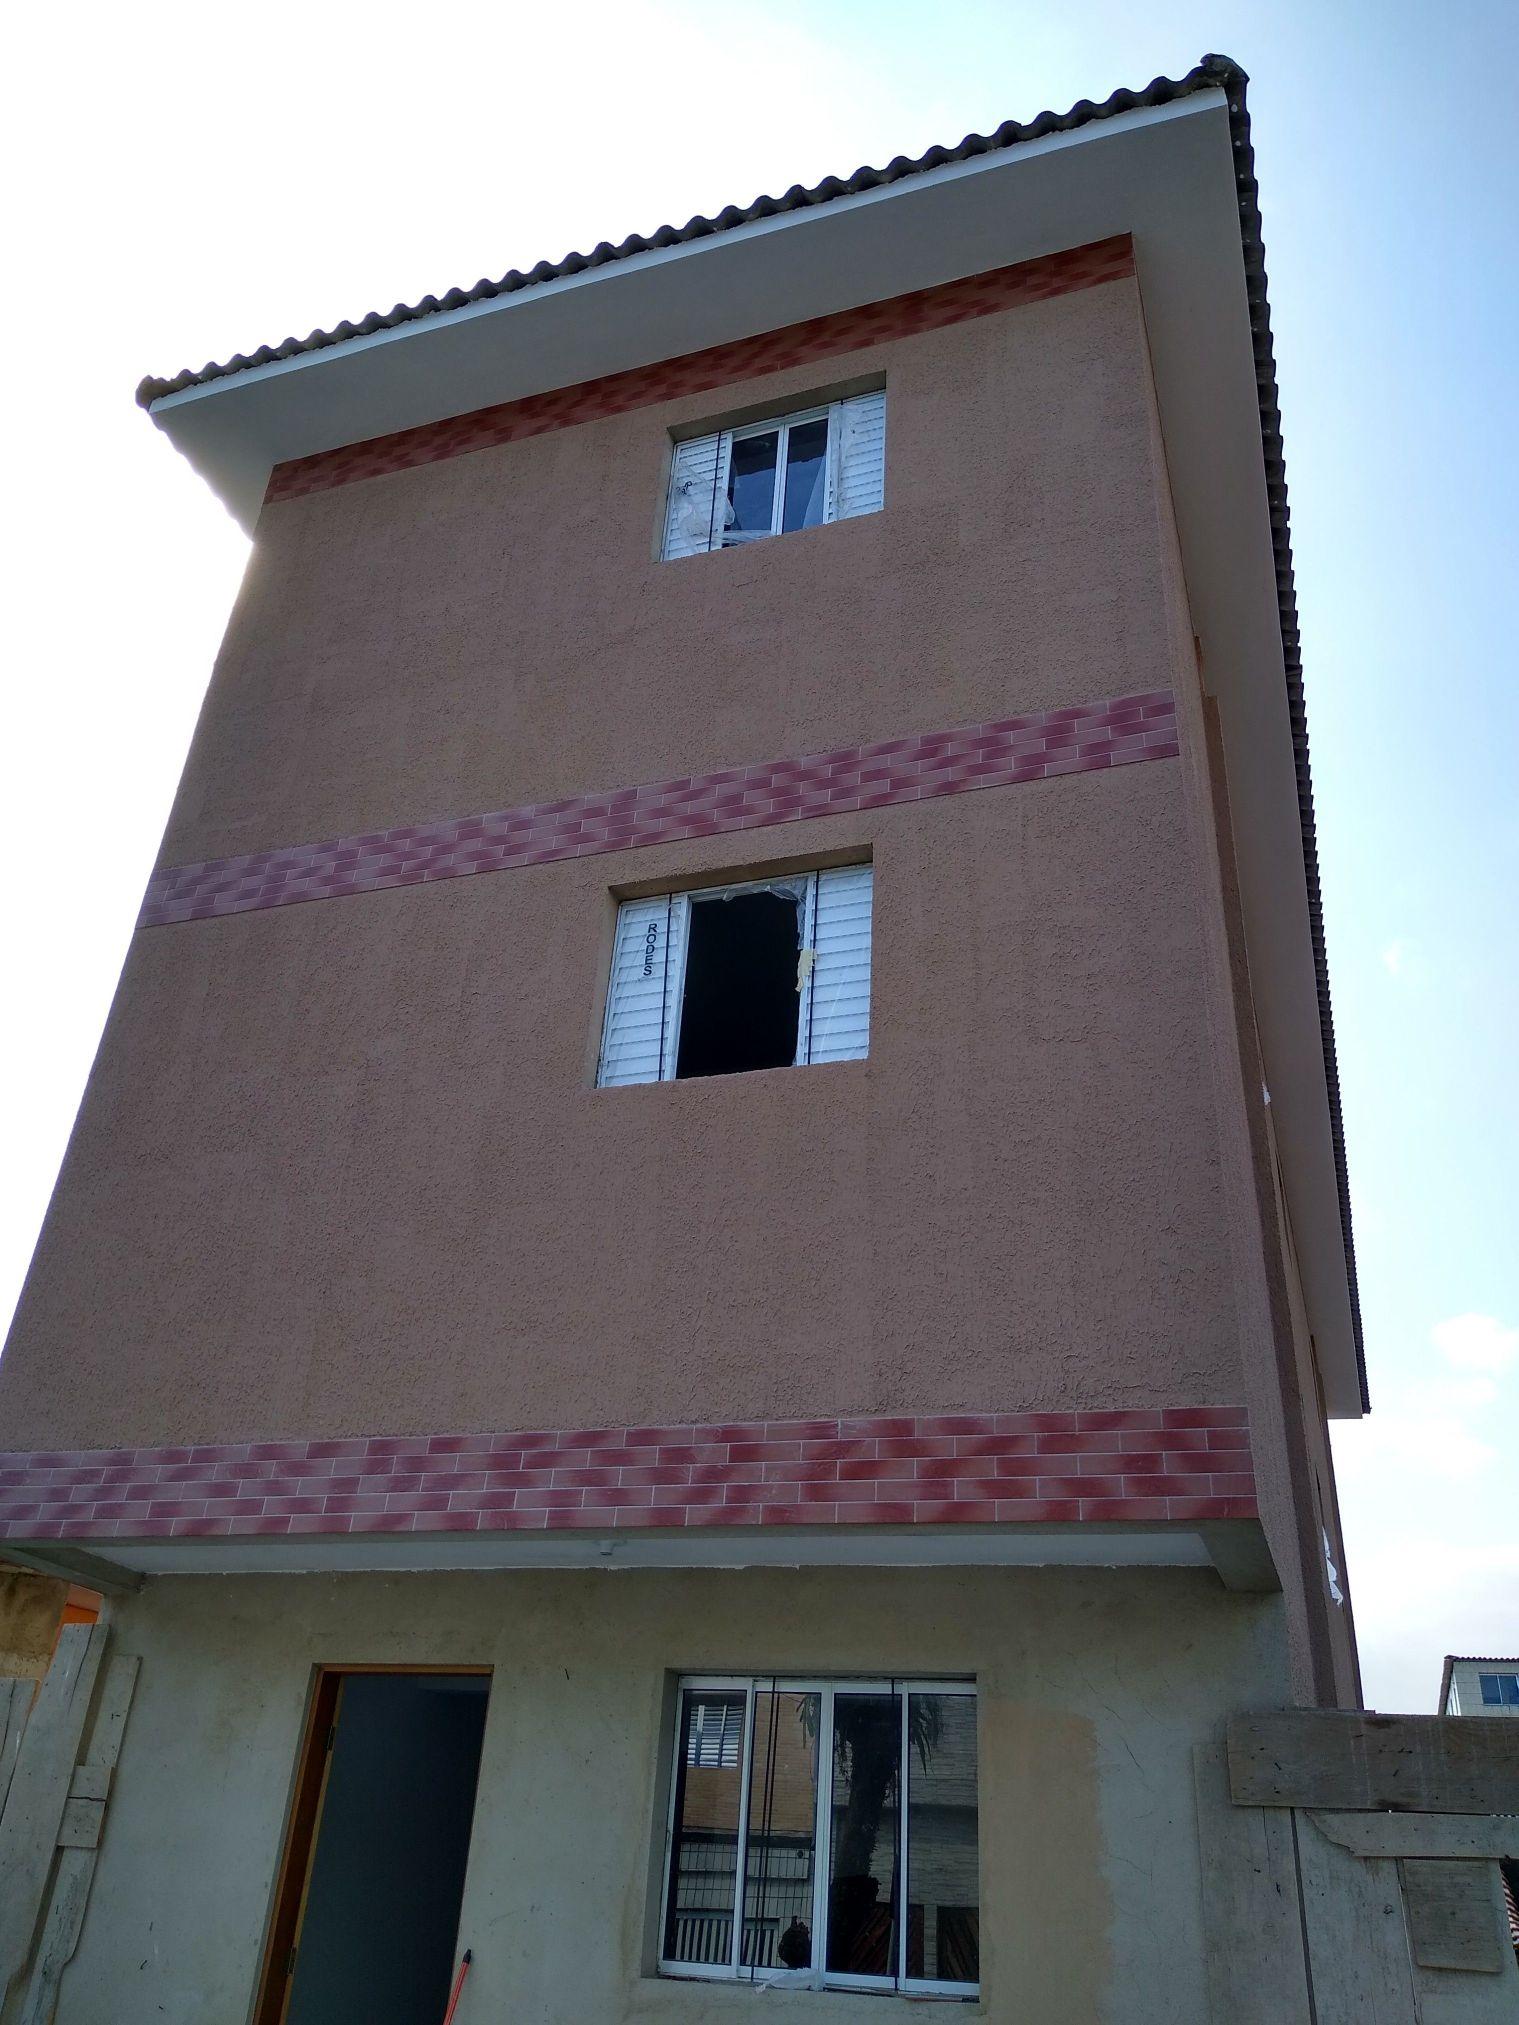 fachadas em textura ou grafiato